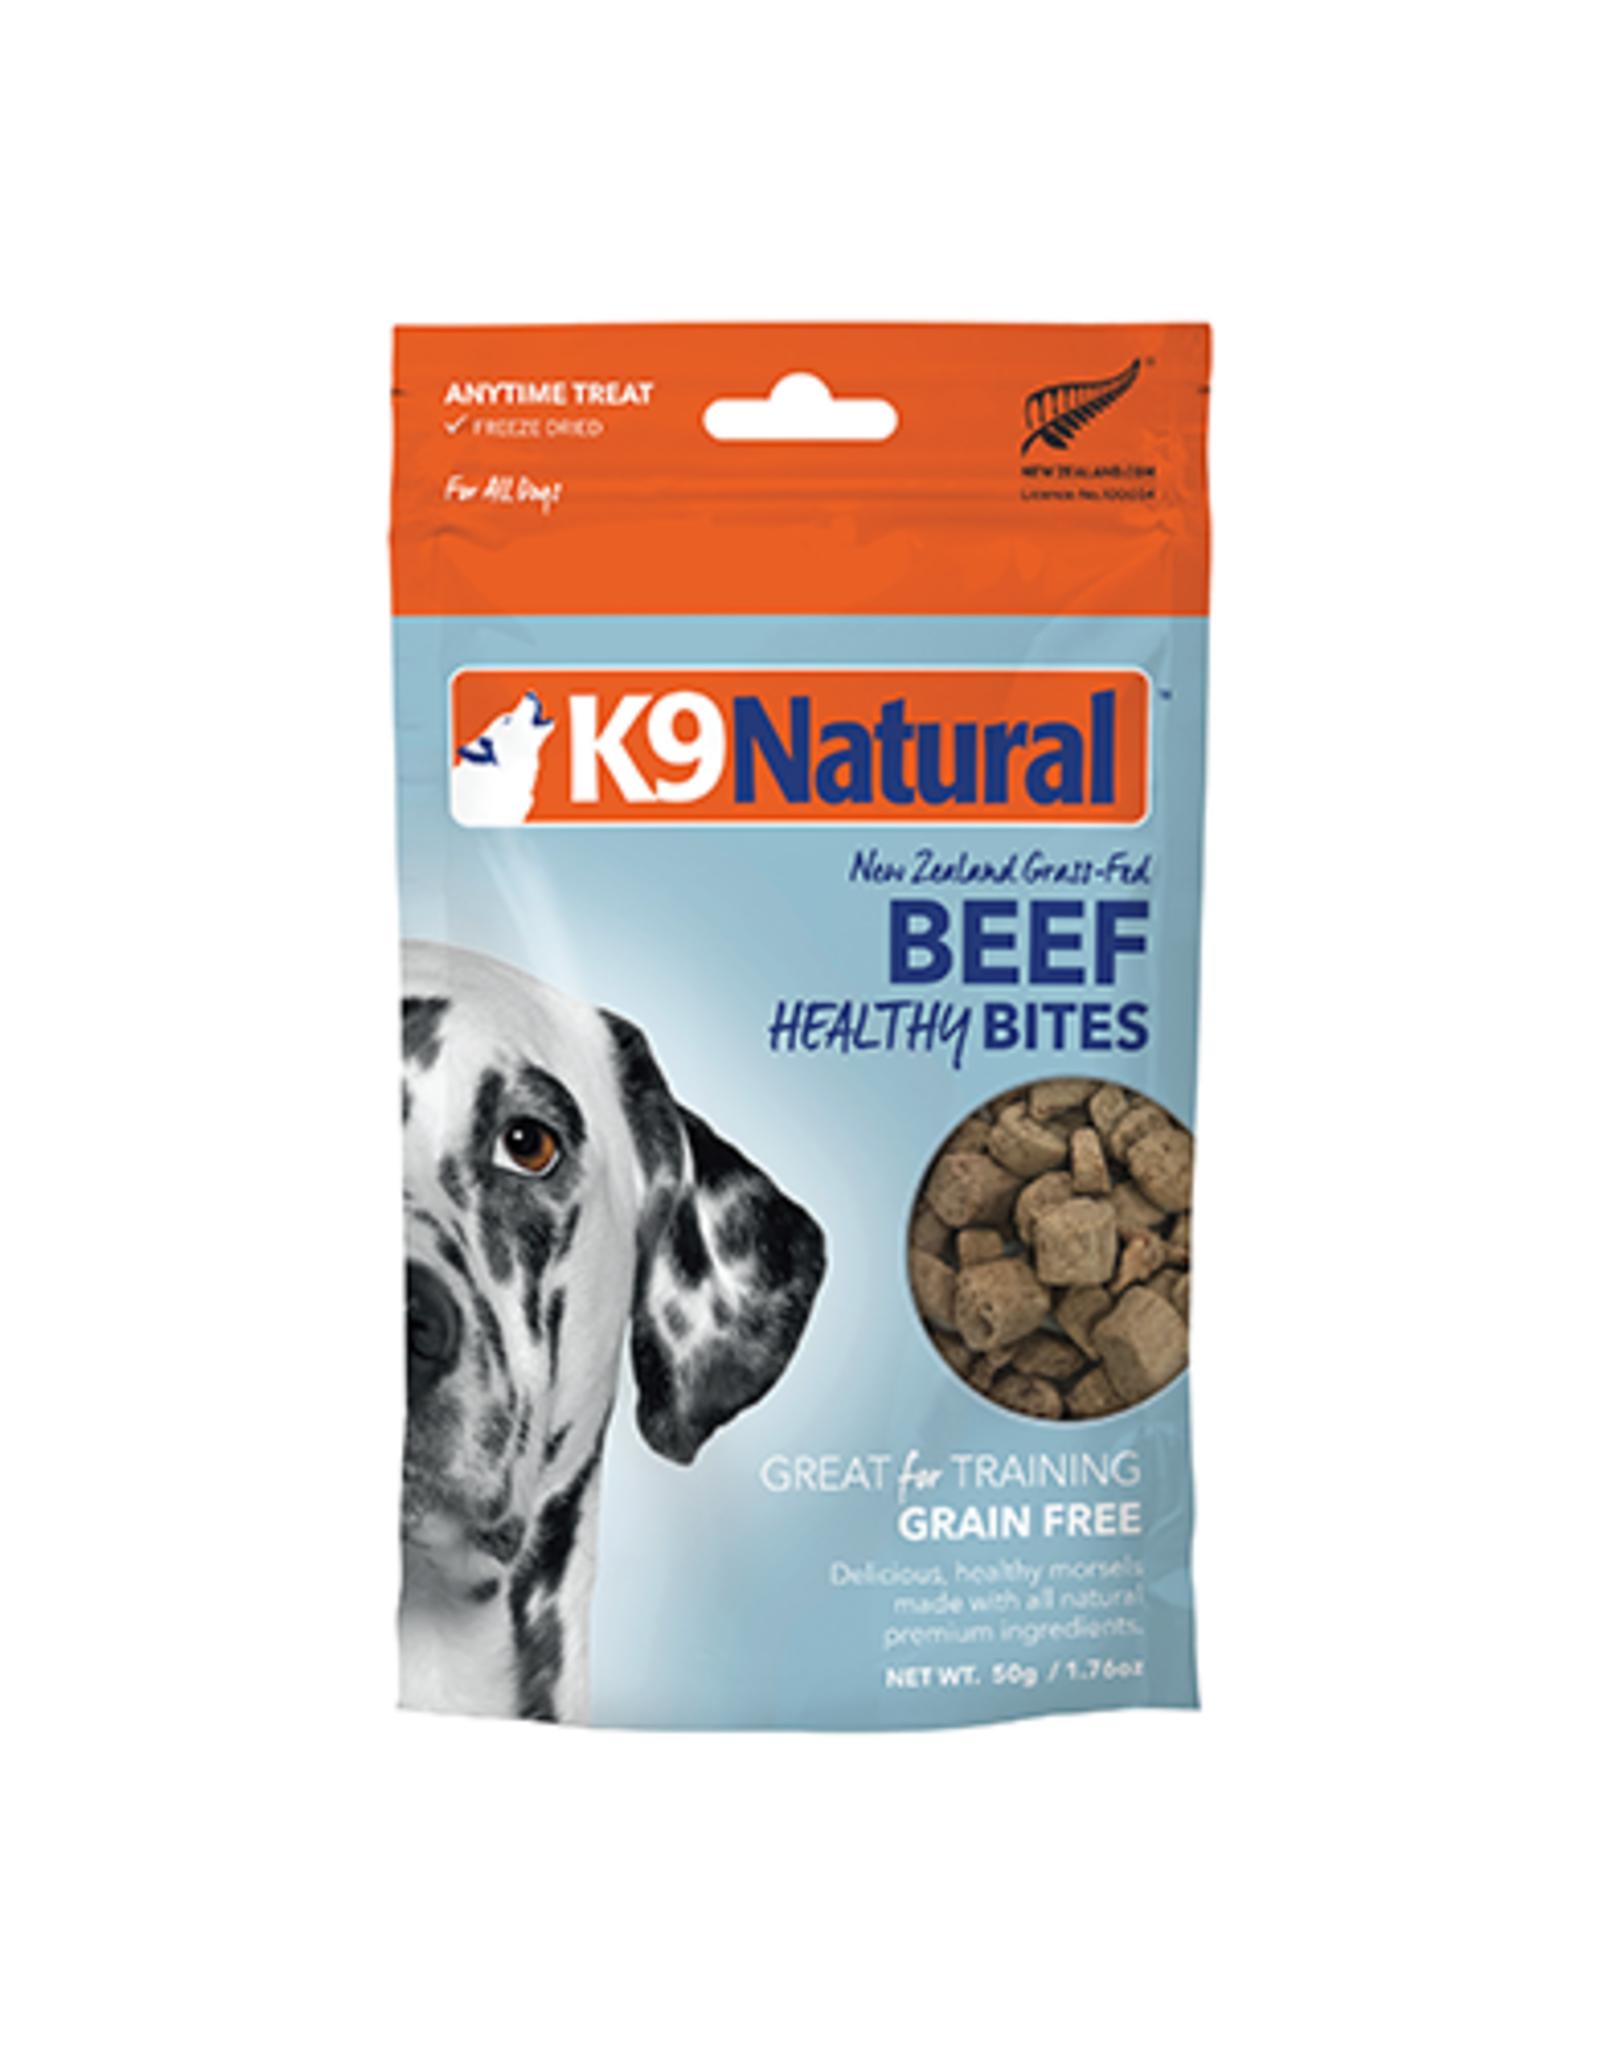 k9 Natural k9 natural beef treats